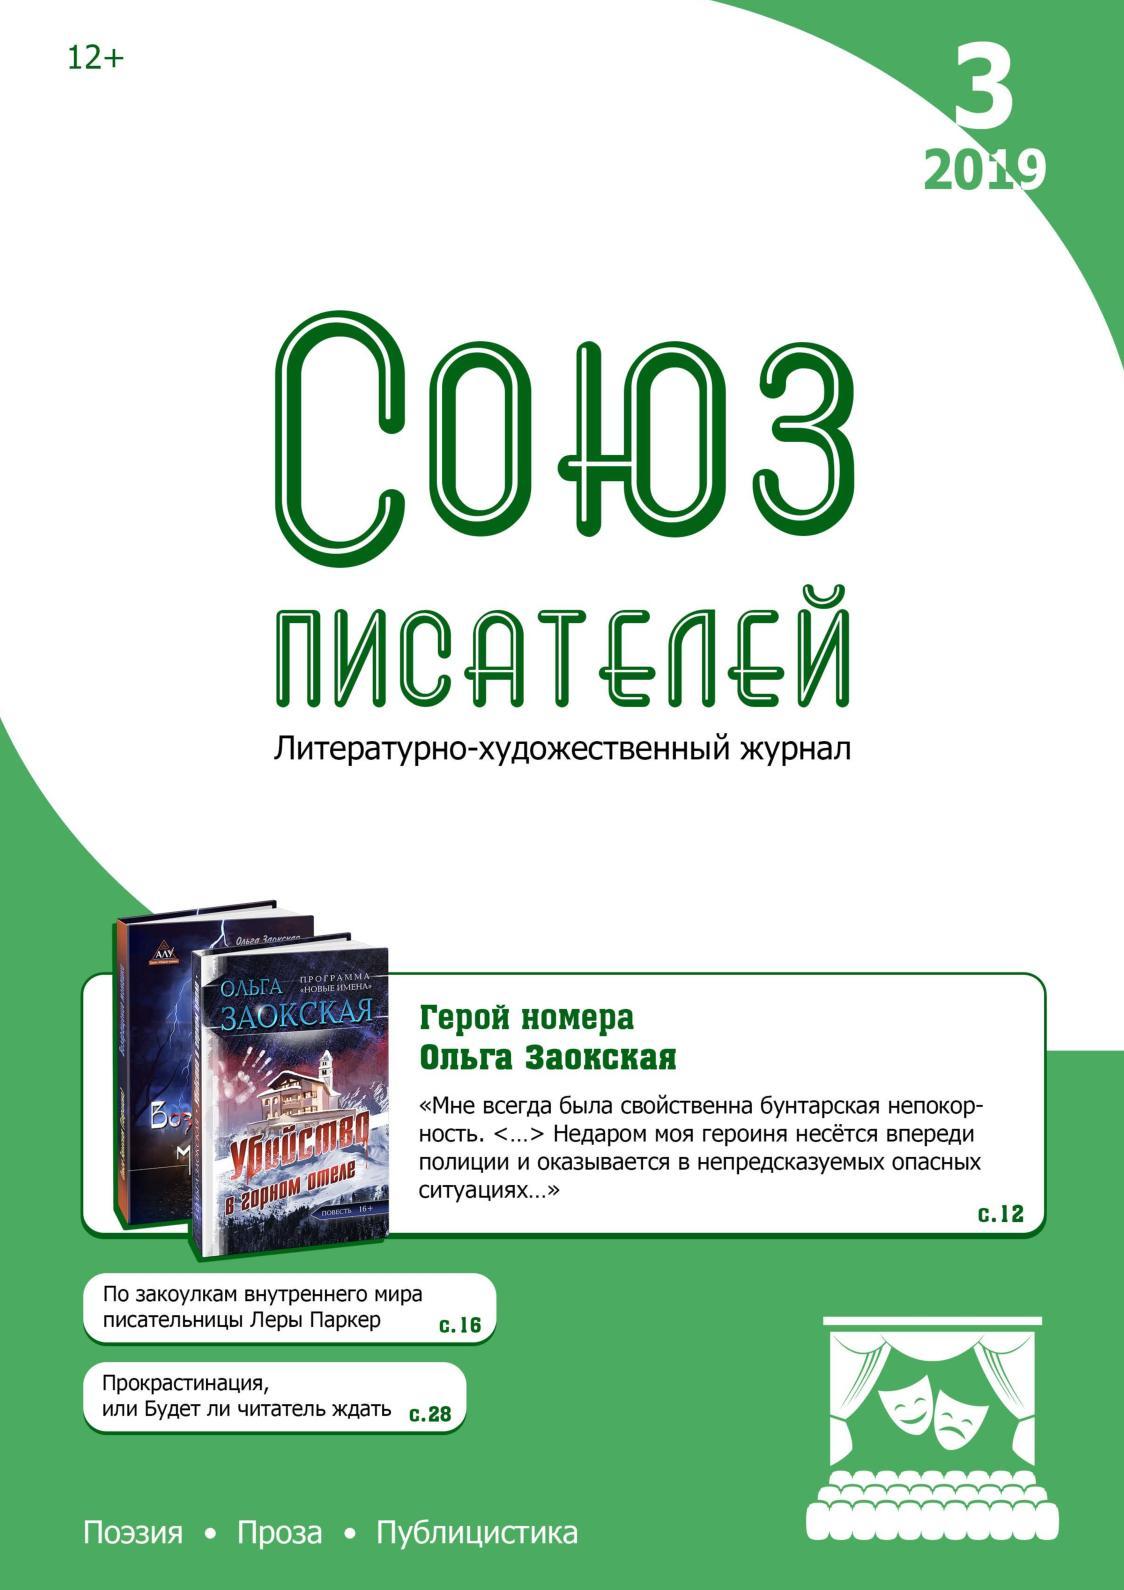 e54bfb5c4 Calaméo - Литературно-художественный журнал «Союз писателей» № 3/2019